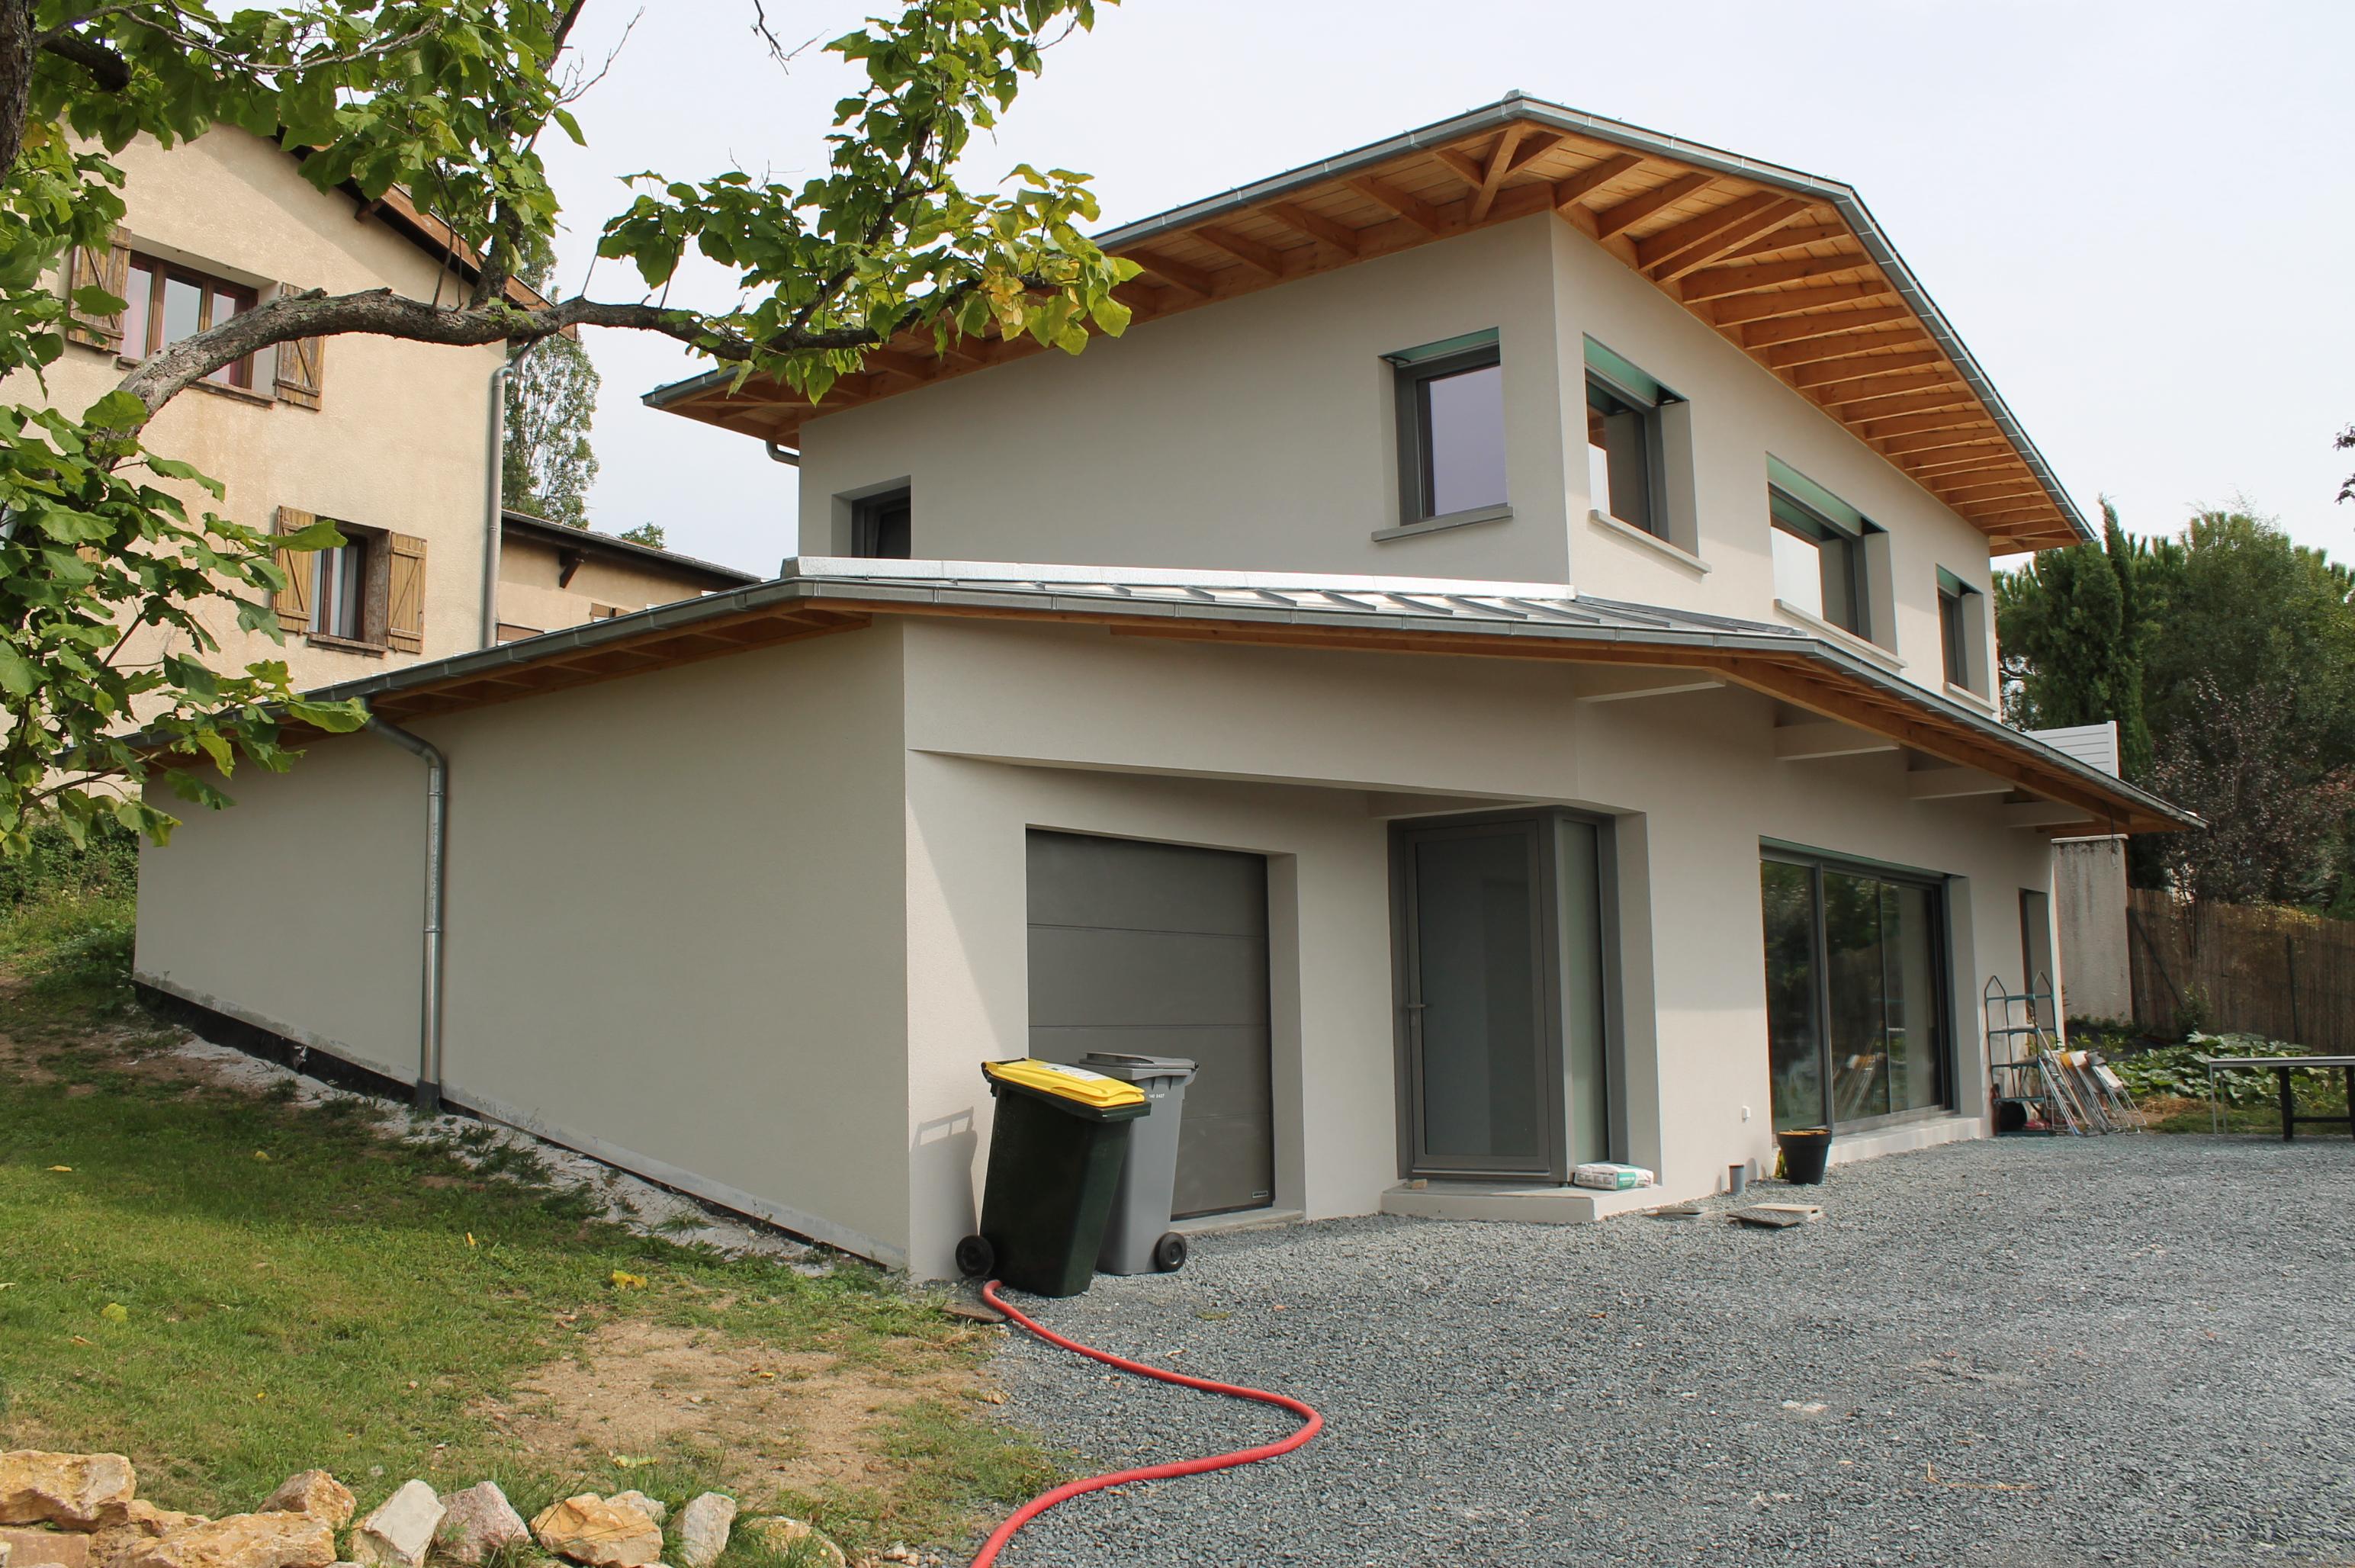 Maison béton/zinc